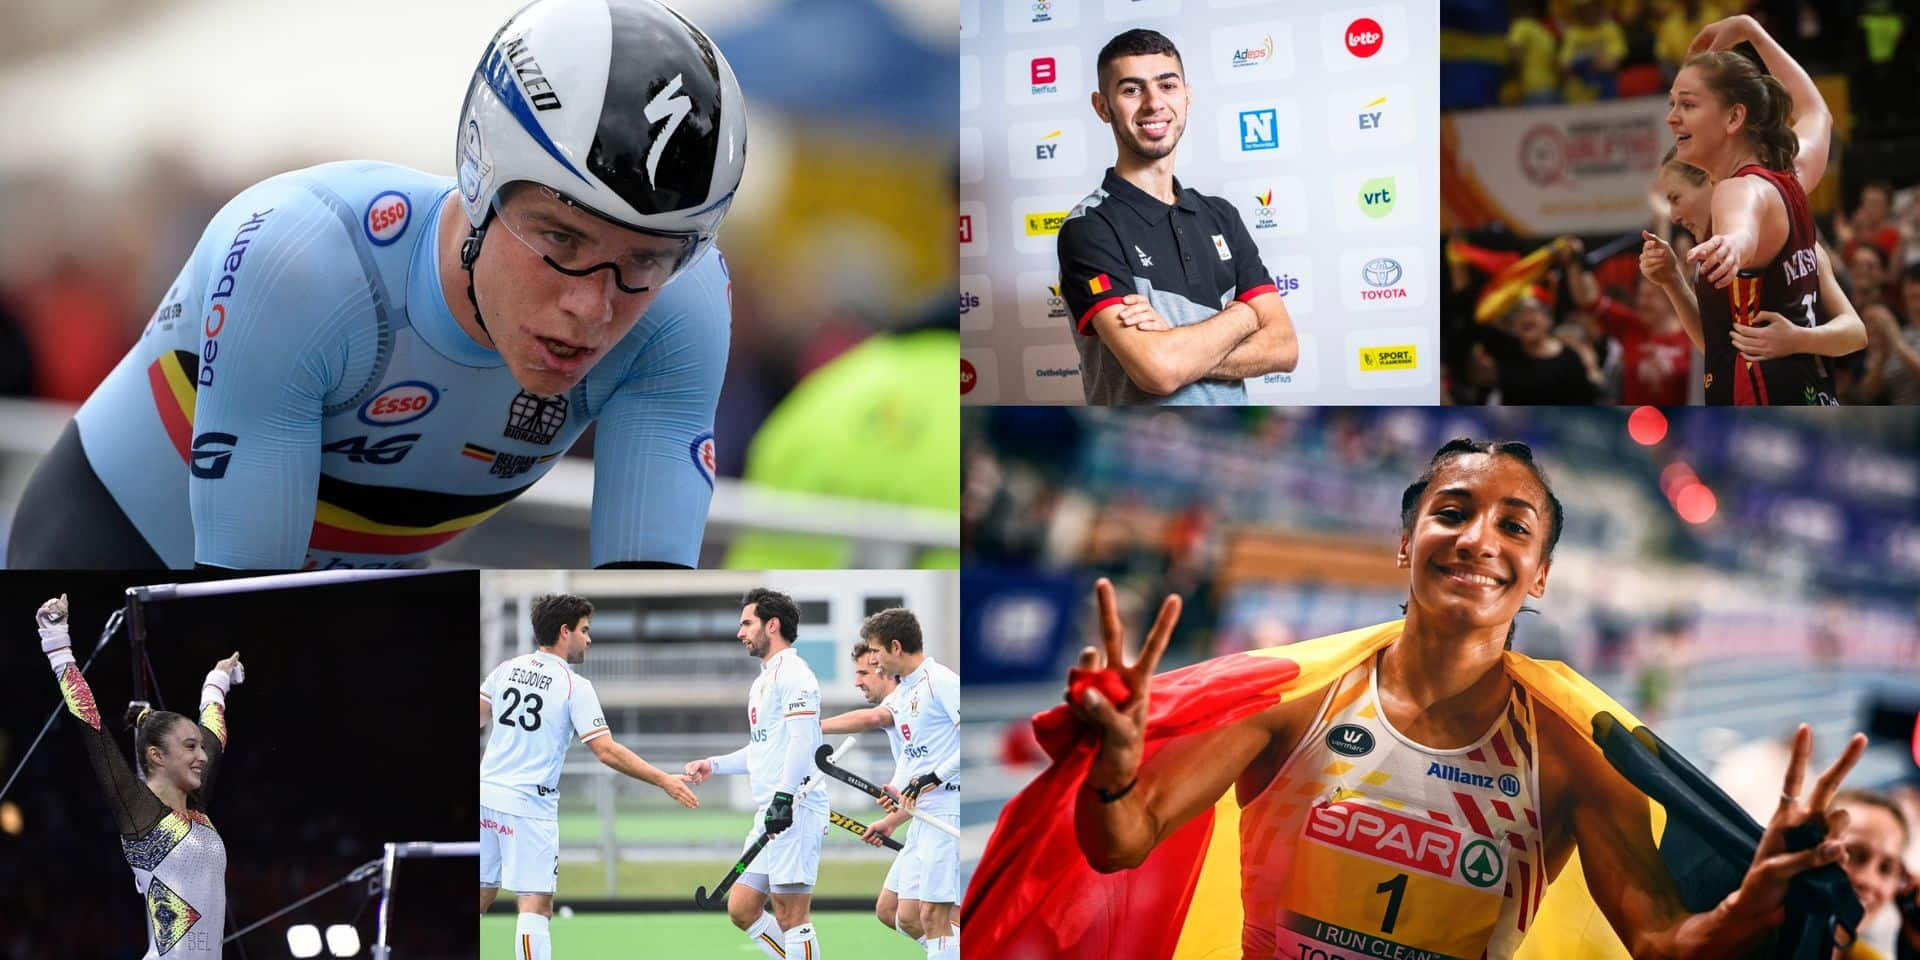 Nafi, Remco, Nina, les Red Lions : à J-100, voici les Belges qui sont déjà qualifiés pour Tokyo (1/2)